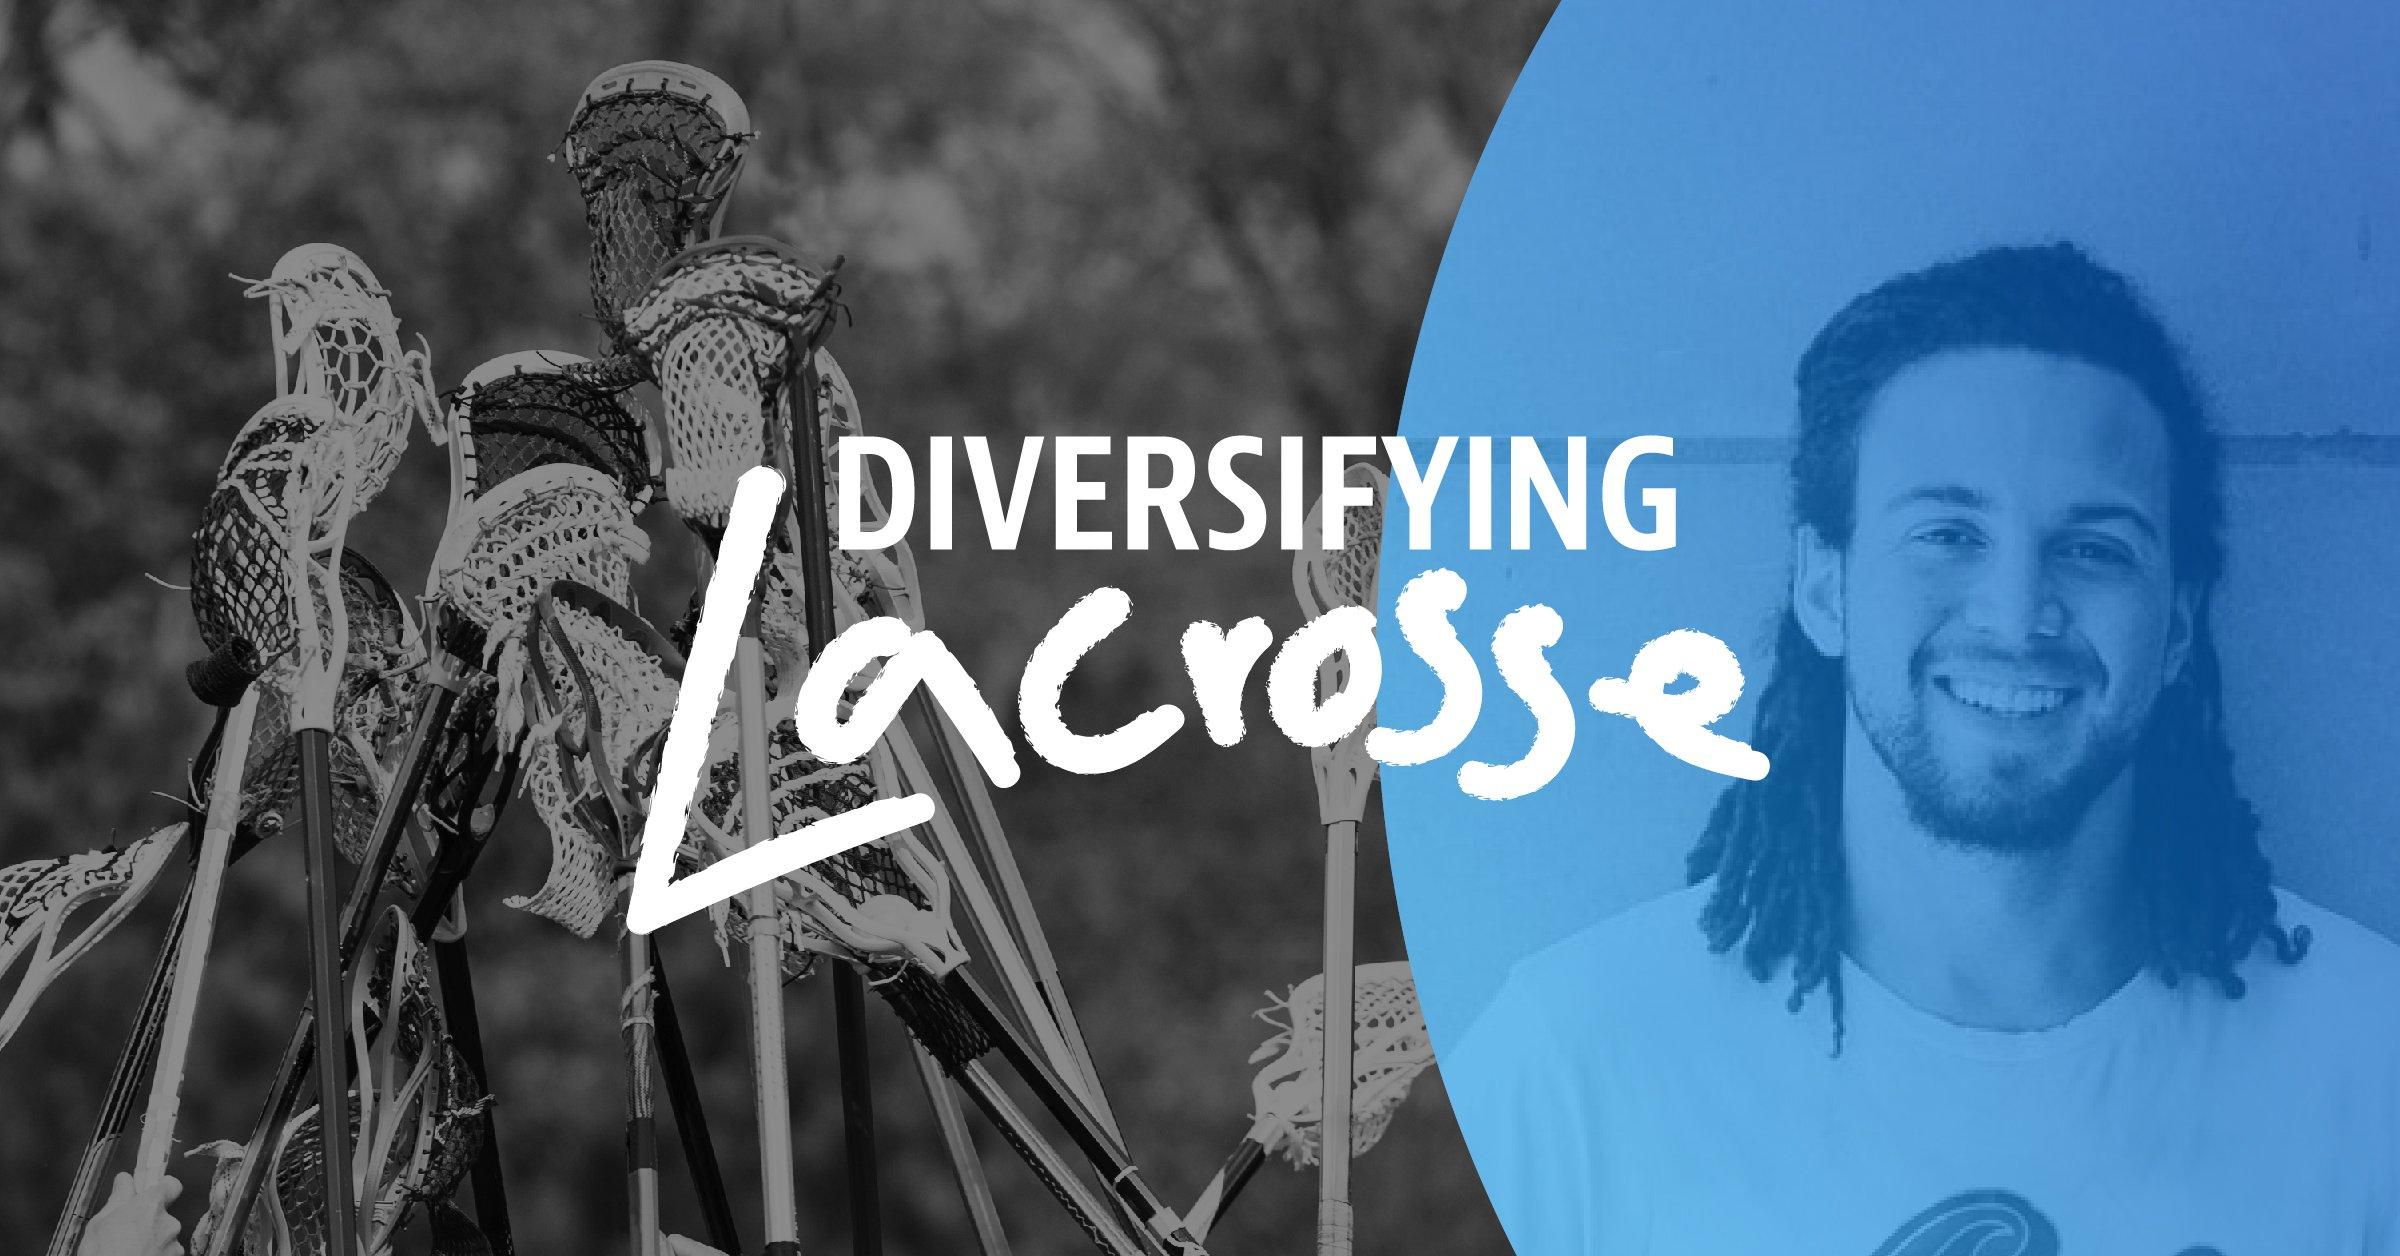 Diversifying Lacrosse